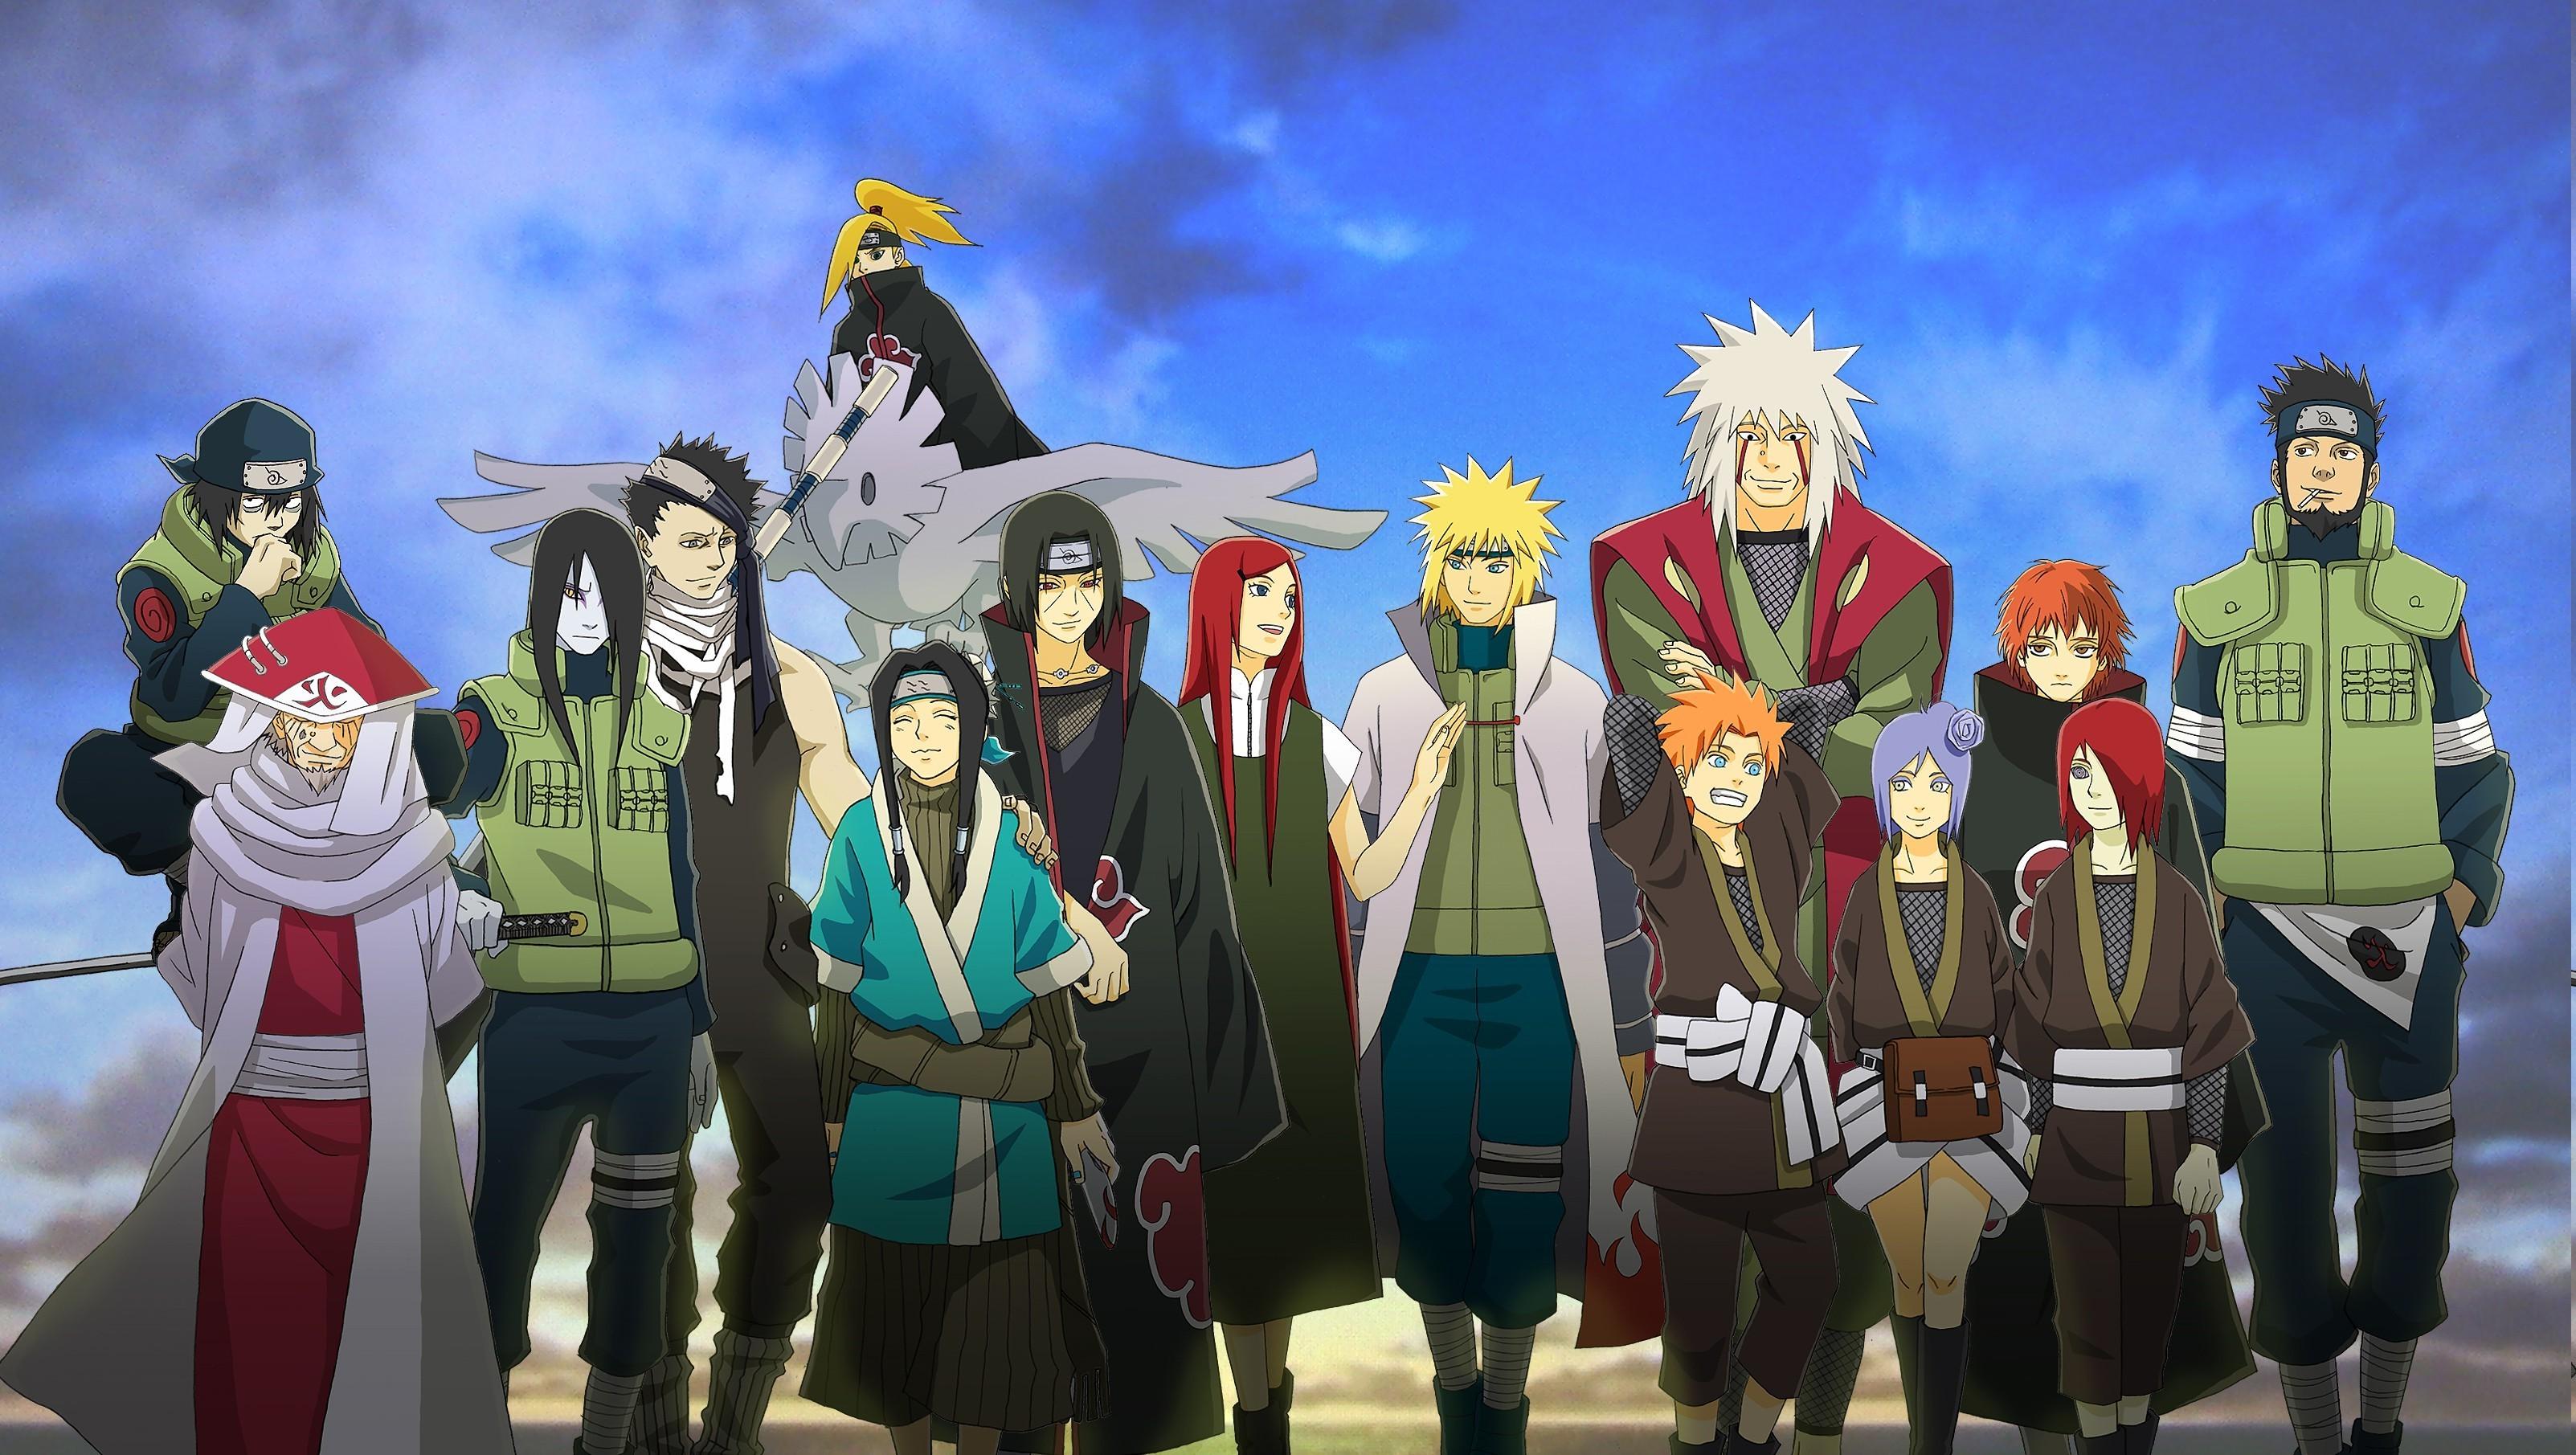 Naruto Shippuuden, Anime, Sasori, Jiraiya, Haku, Deidara, Hokage, Orochimaru